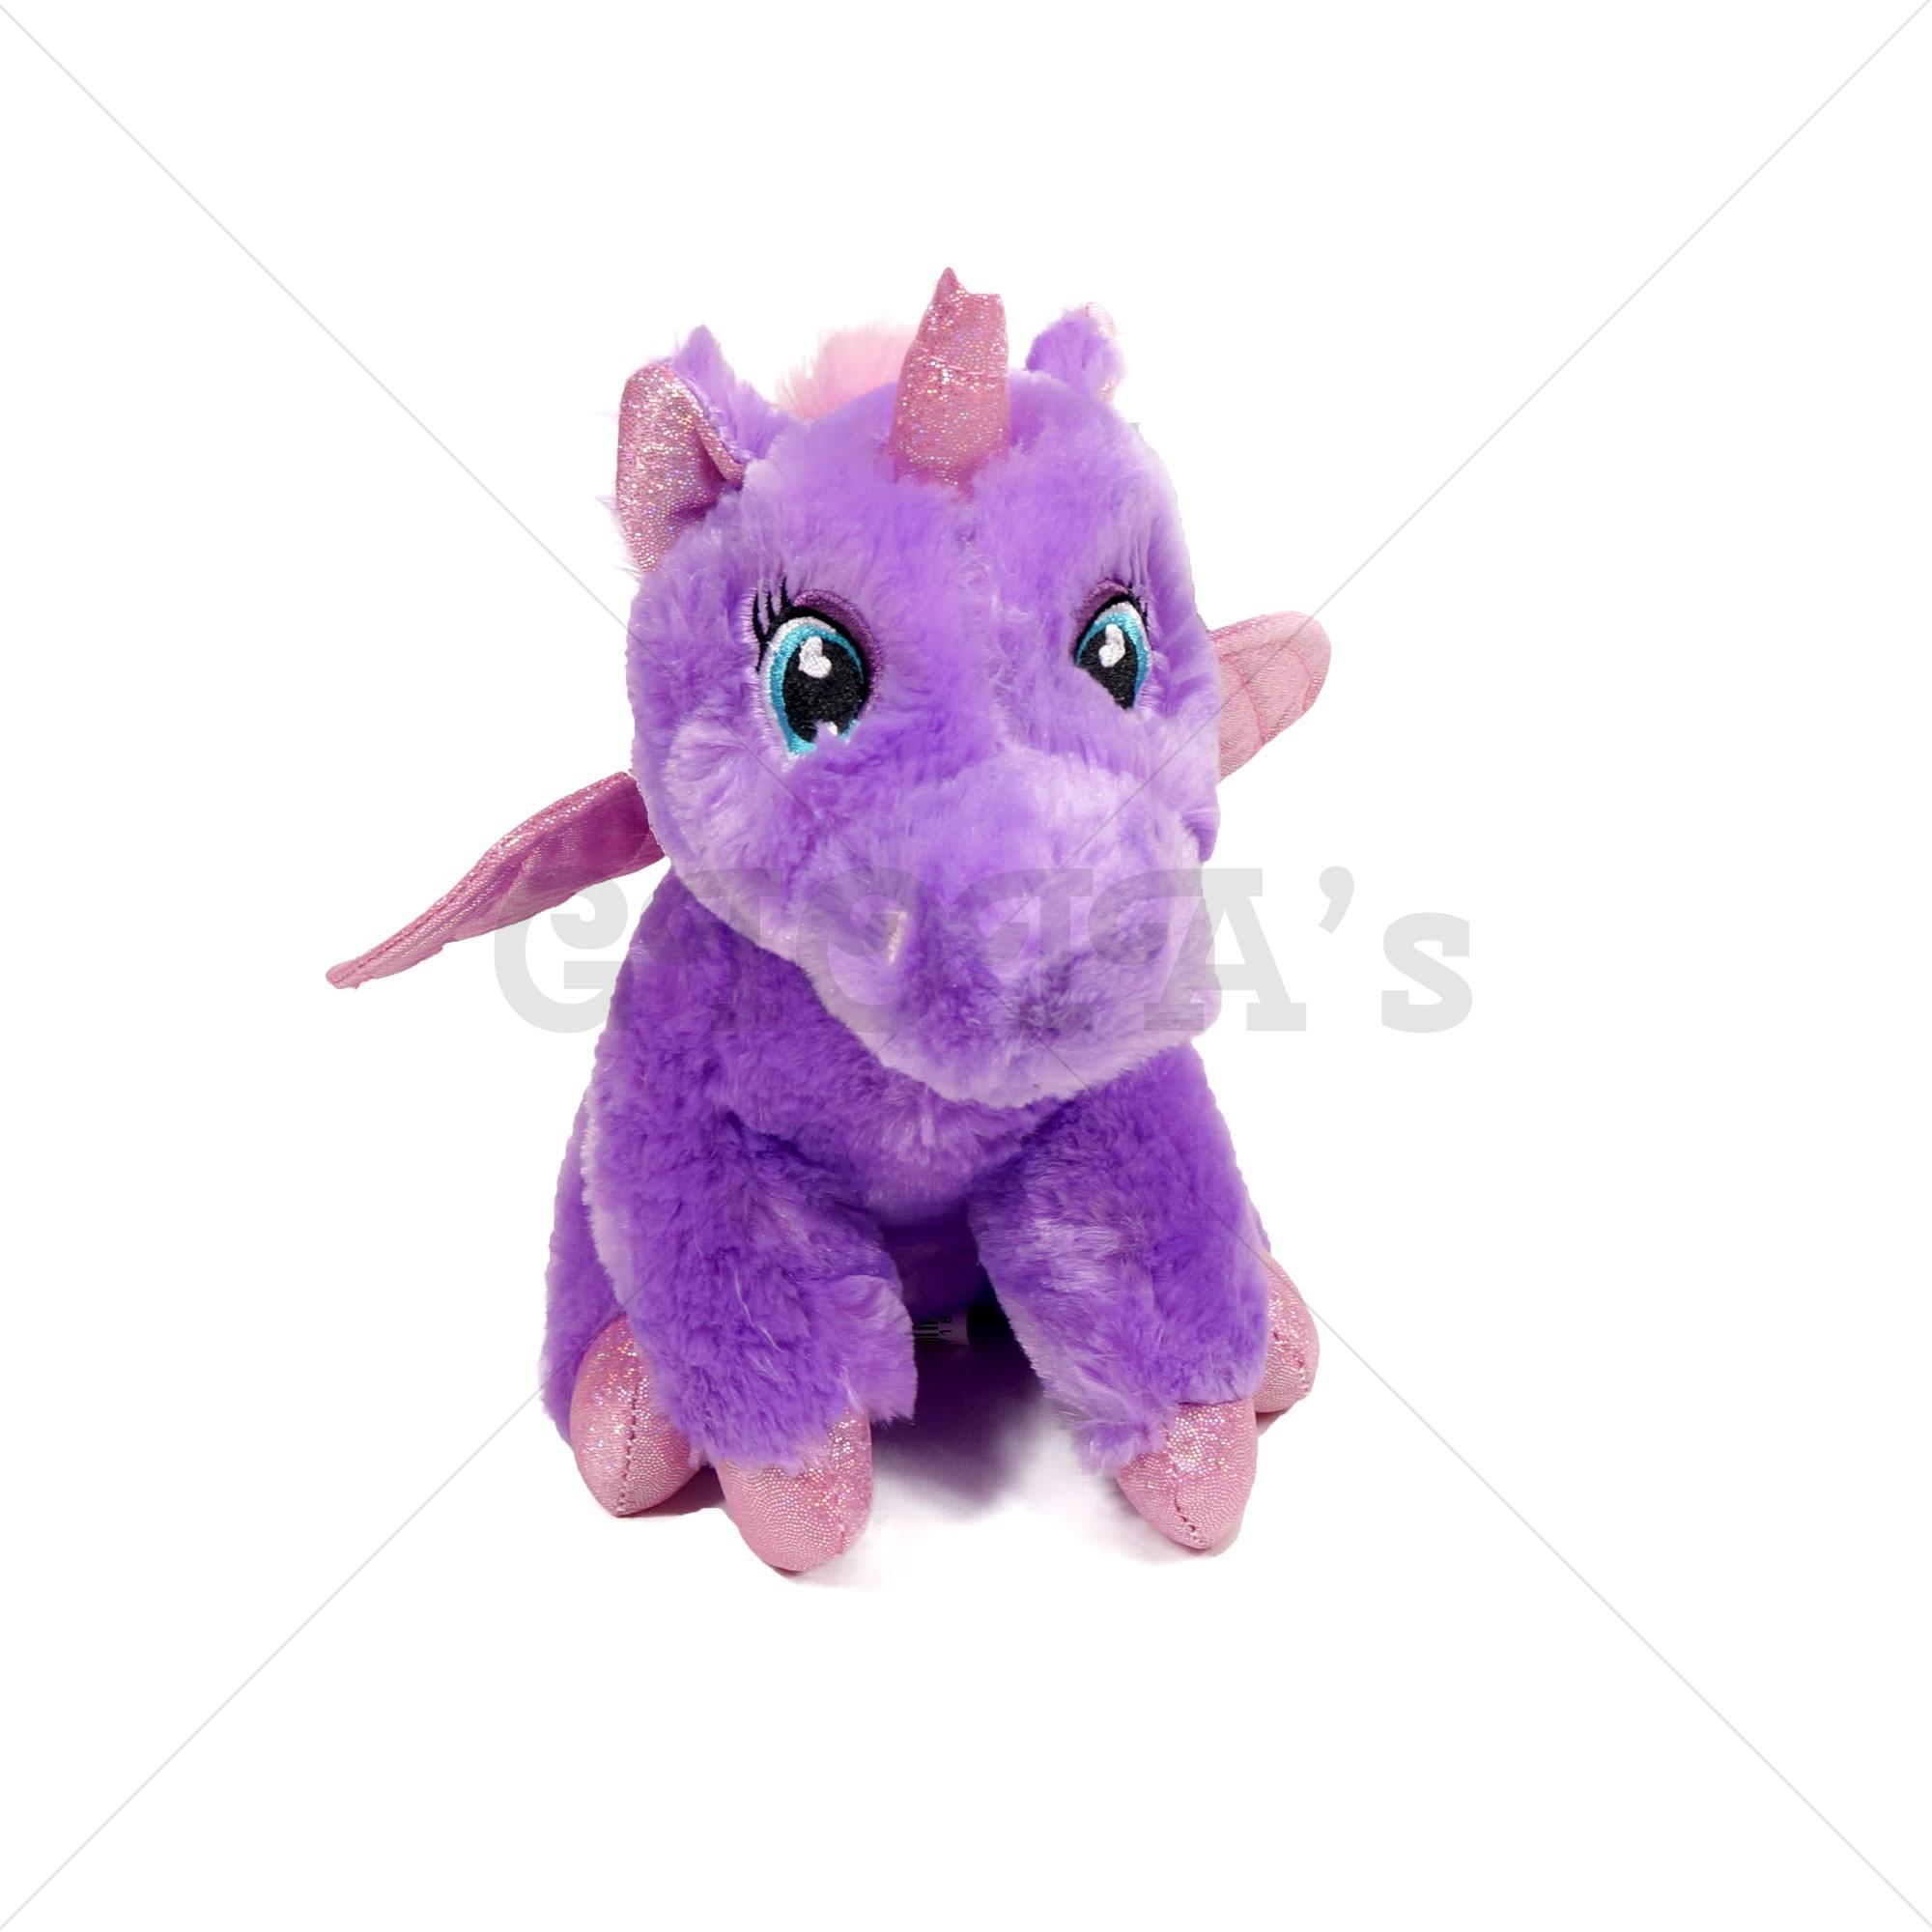 74205592289022 Unicorn knuffel paars 28cm - GIOIA's cadeau en feestartikelen